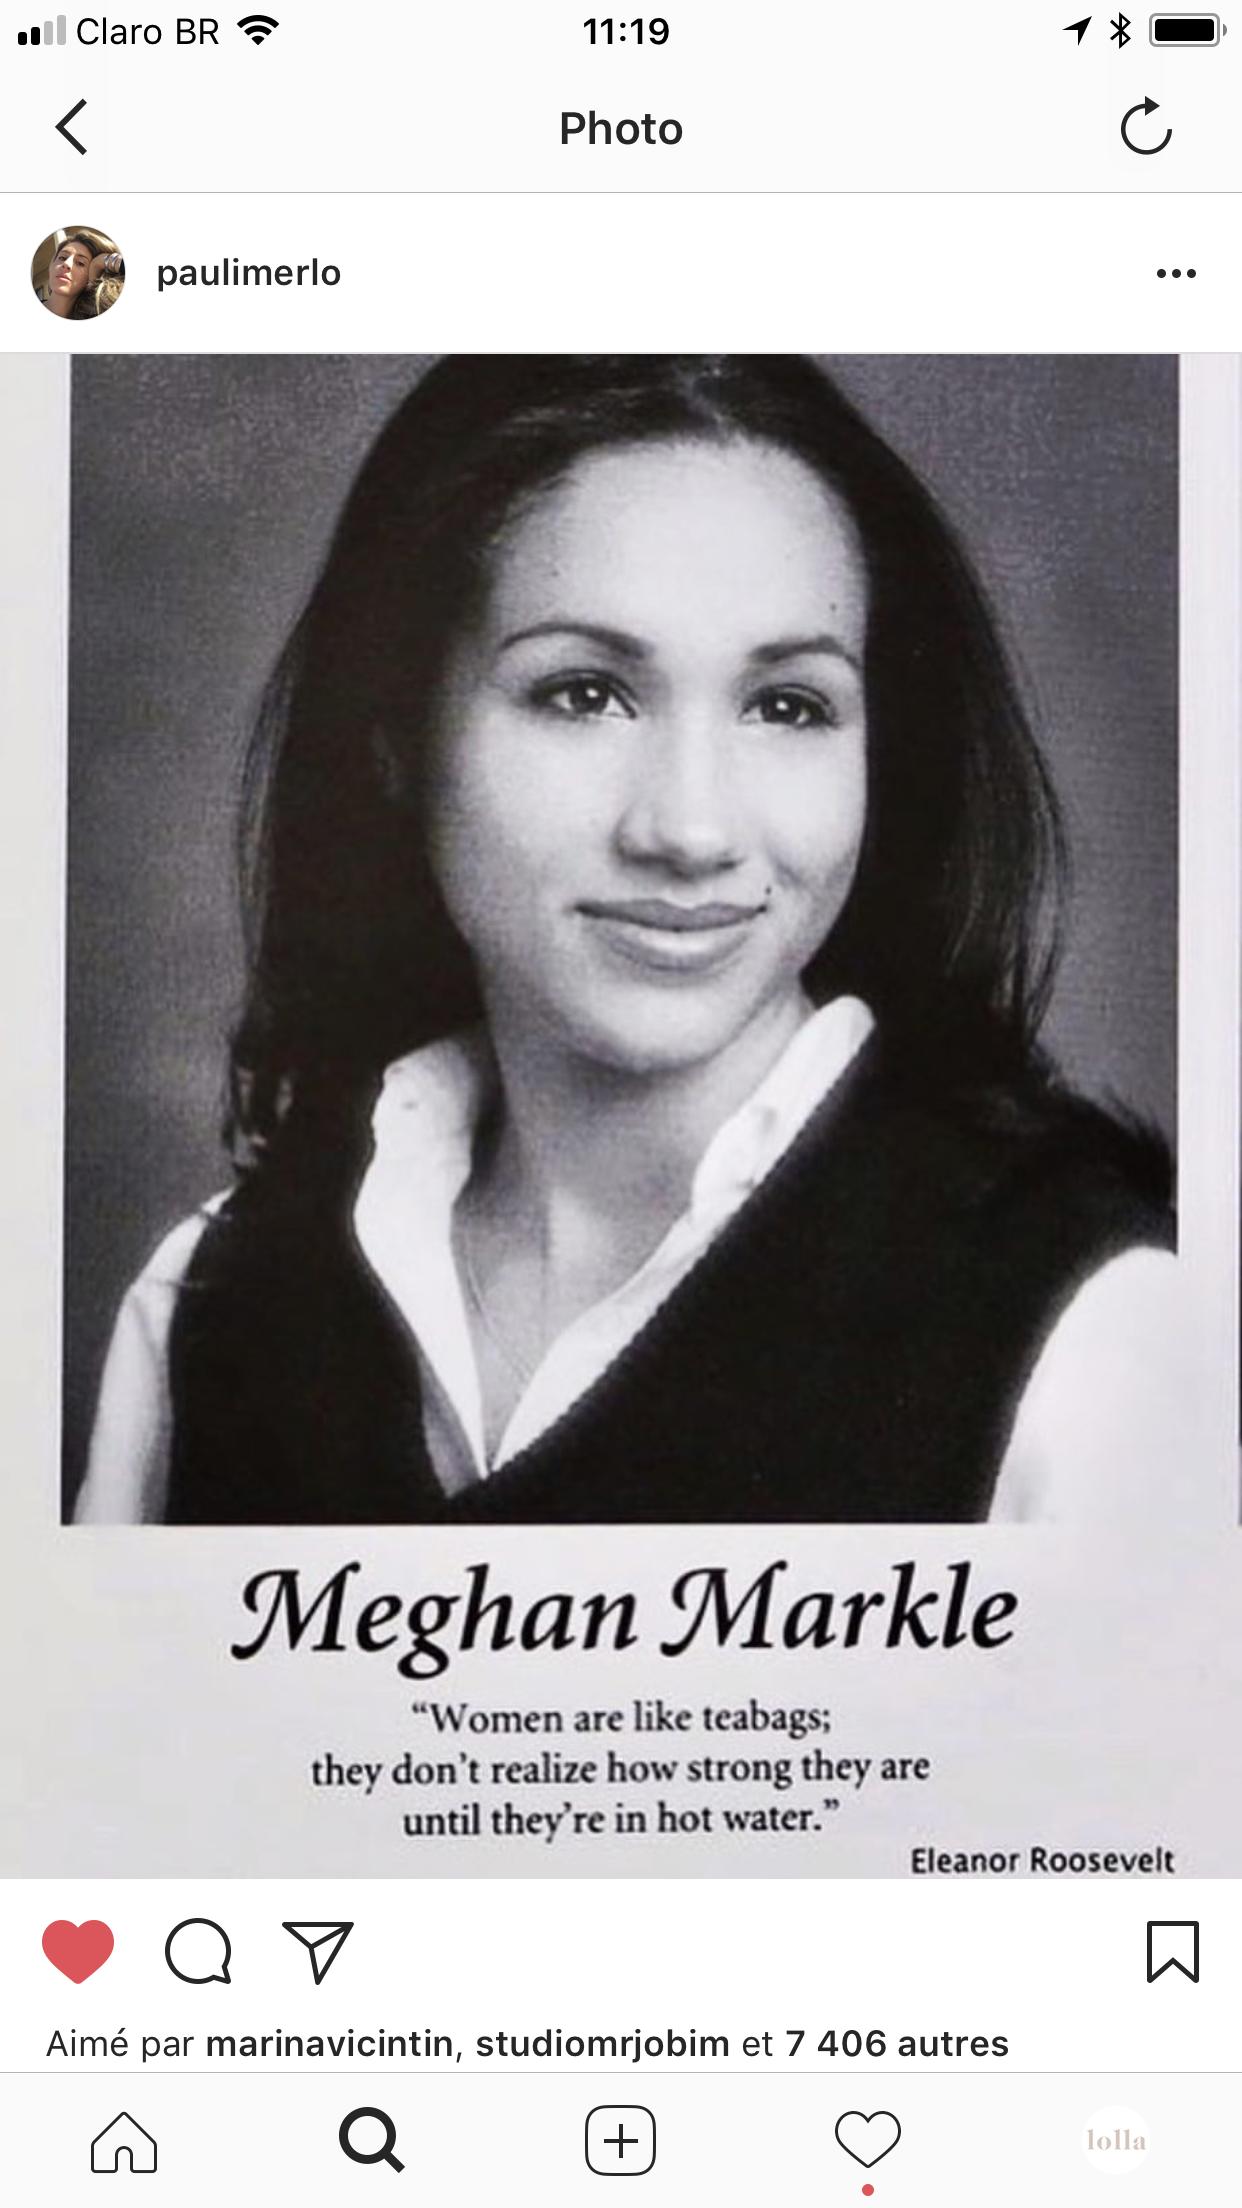 meghan markle - A citação da Meghan Markle no yearbook de formatura que mudou a minha vida